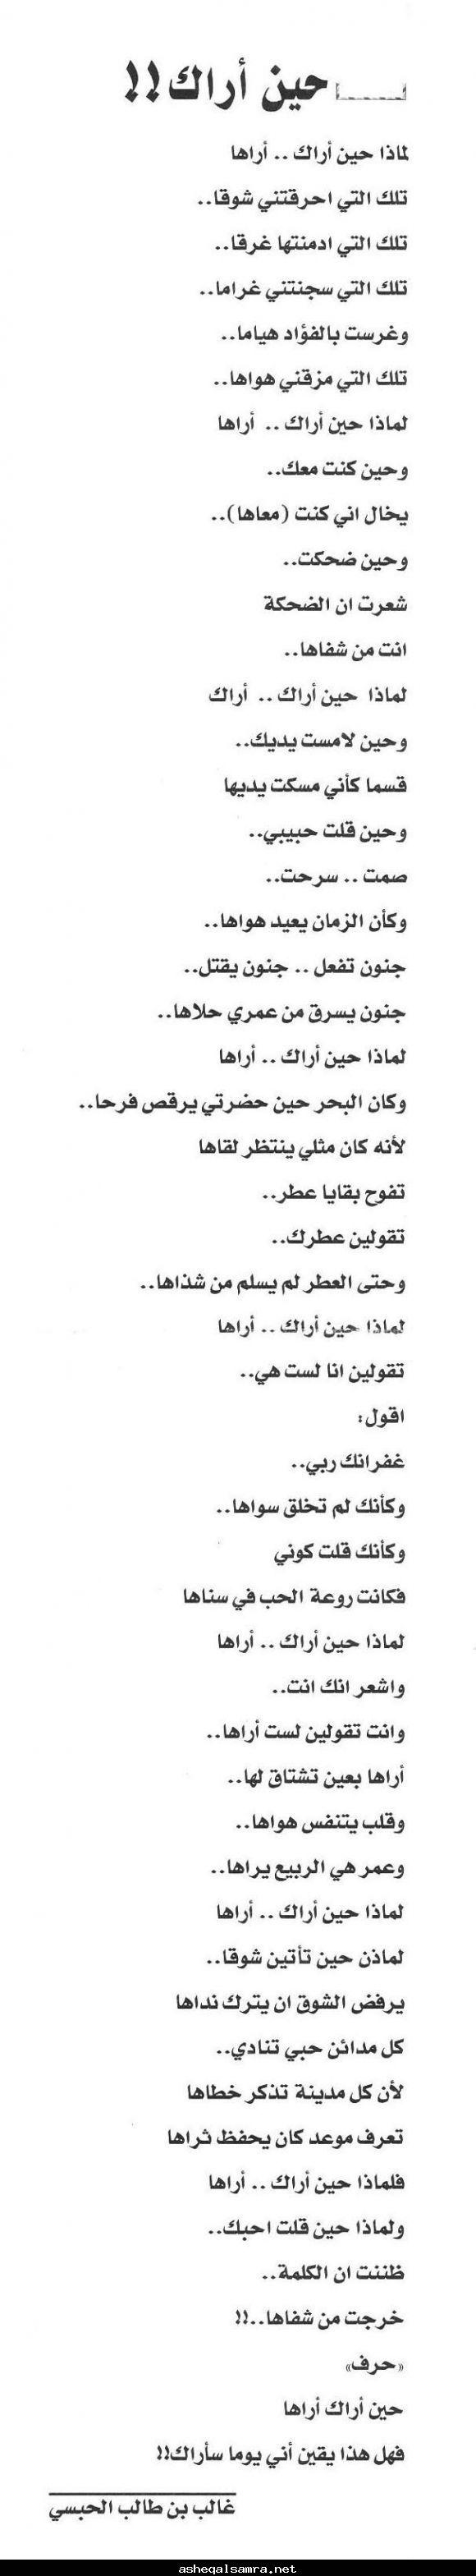 عمان 67